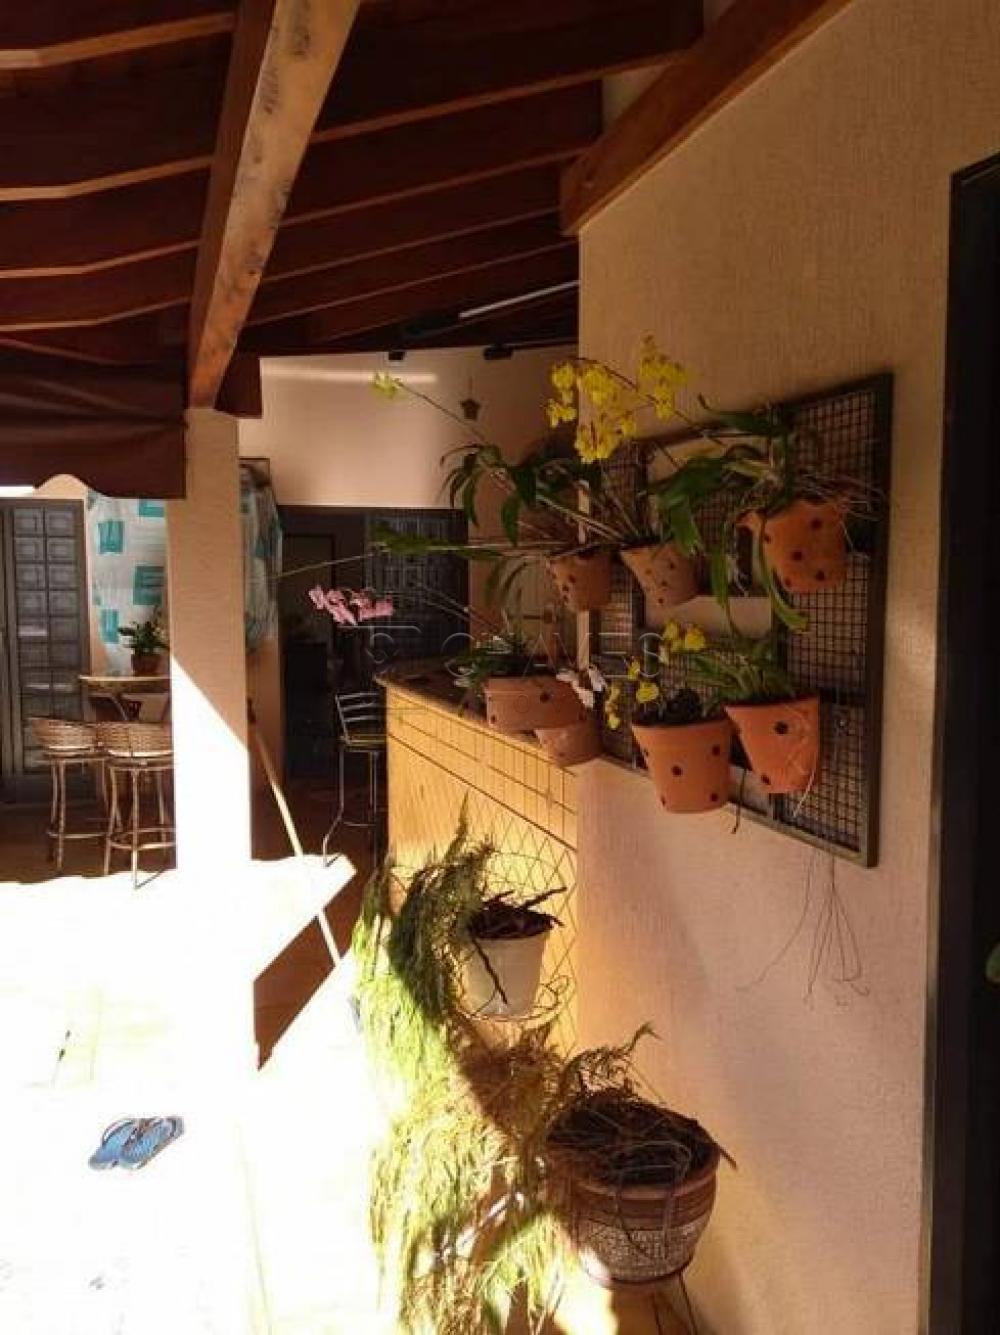 Comprar Casa / Condomínio em Bonfim Paulista R$ 1.280.000,00 - Foto 4